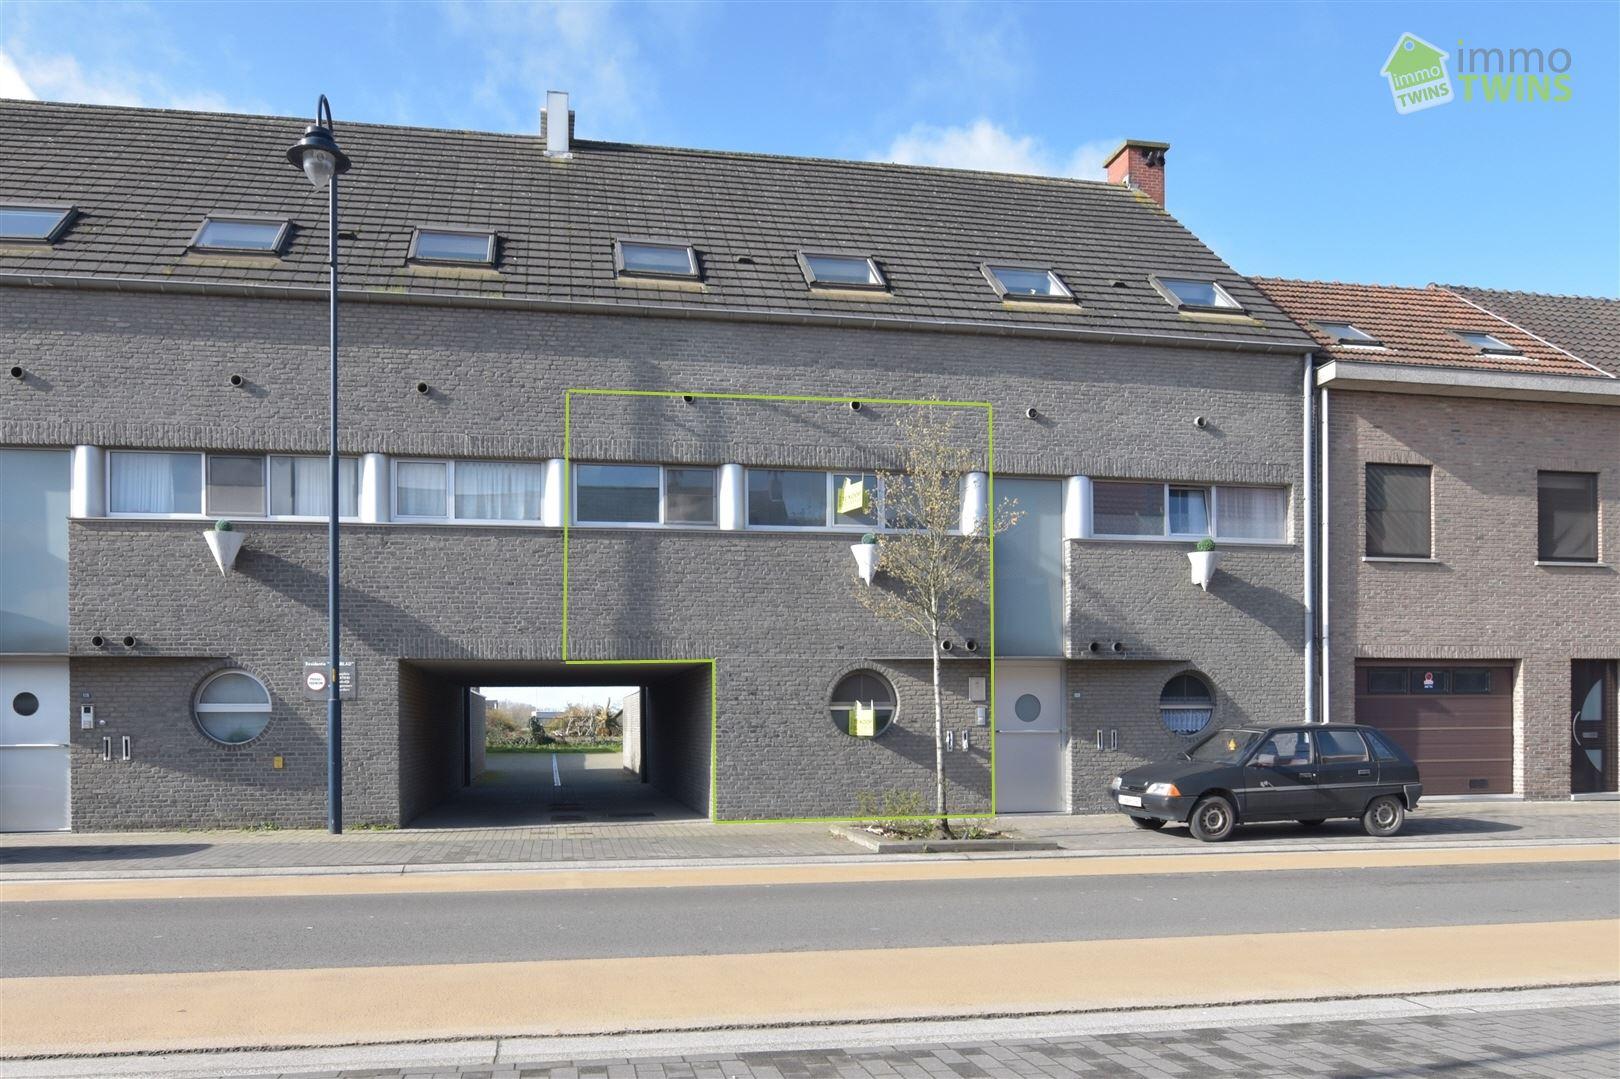 Foto 1 : Duplex/triplex te 9280 LEBBEKE (België) - Prijs € 257.000